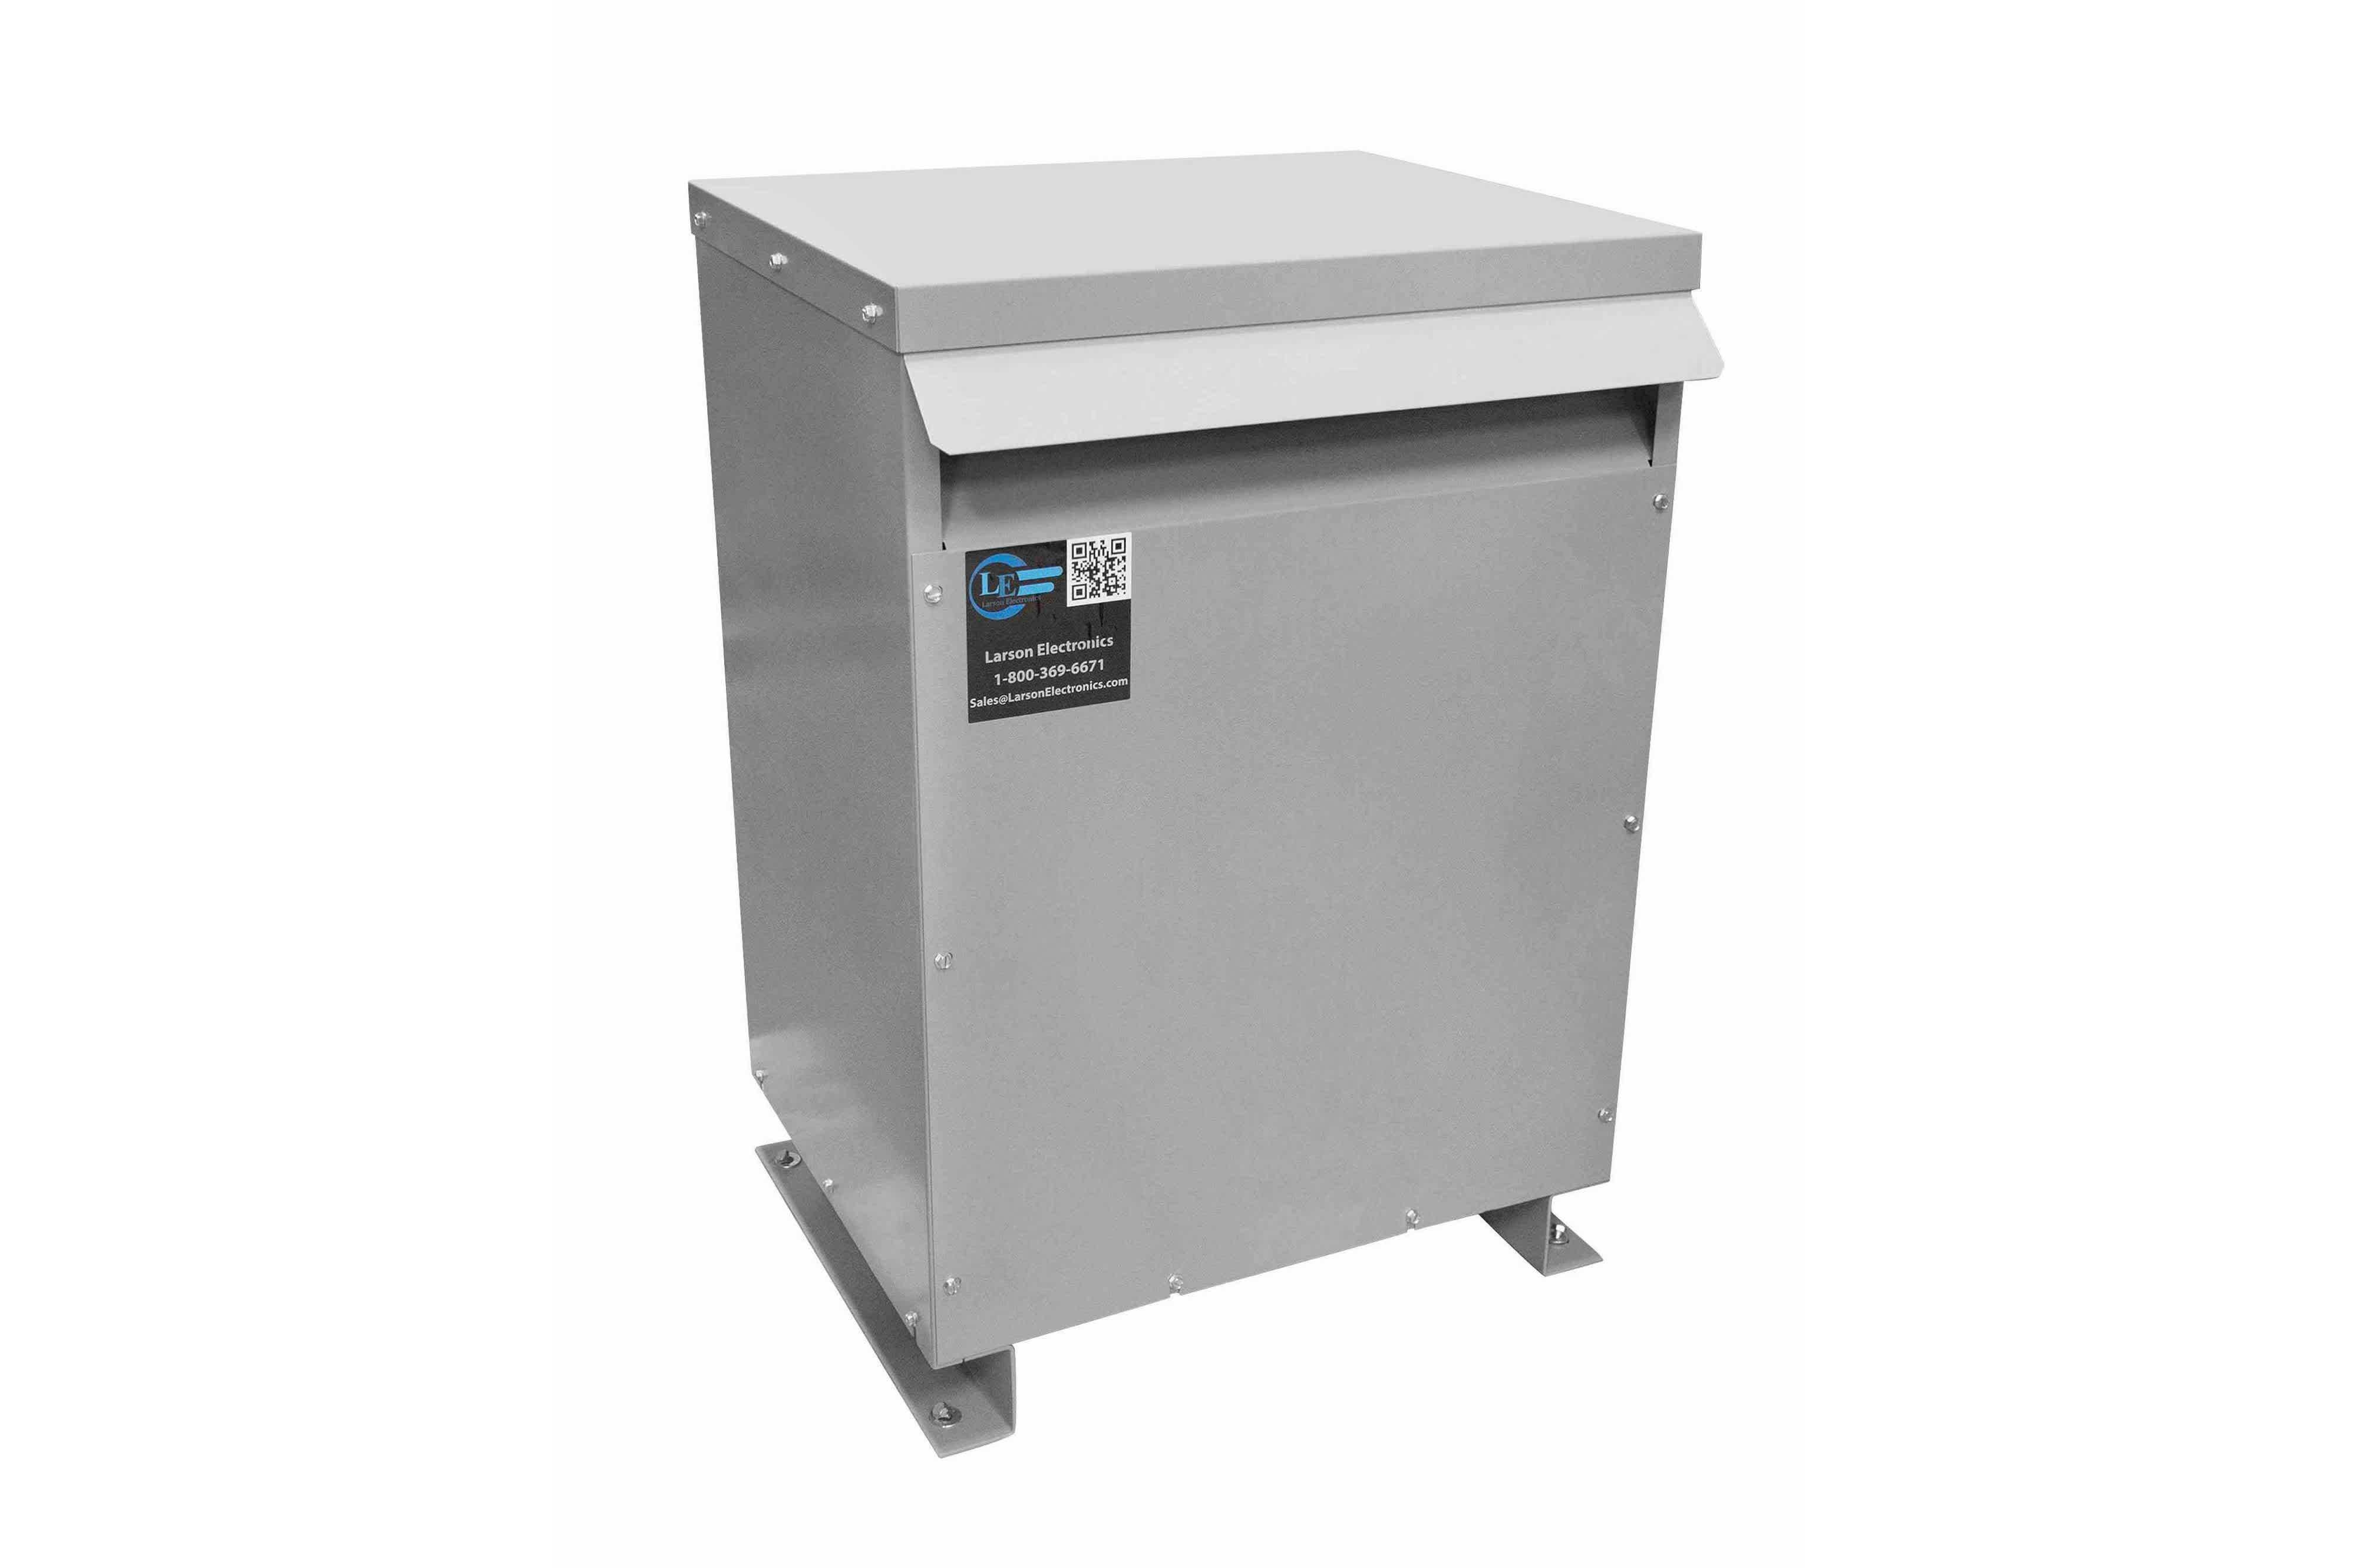 400 kVA 3PH DOE Transformer, 400V Delta Primary, 240V/120 Delta Secondary, N3R, Ventilated, 60 Hz